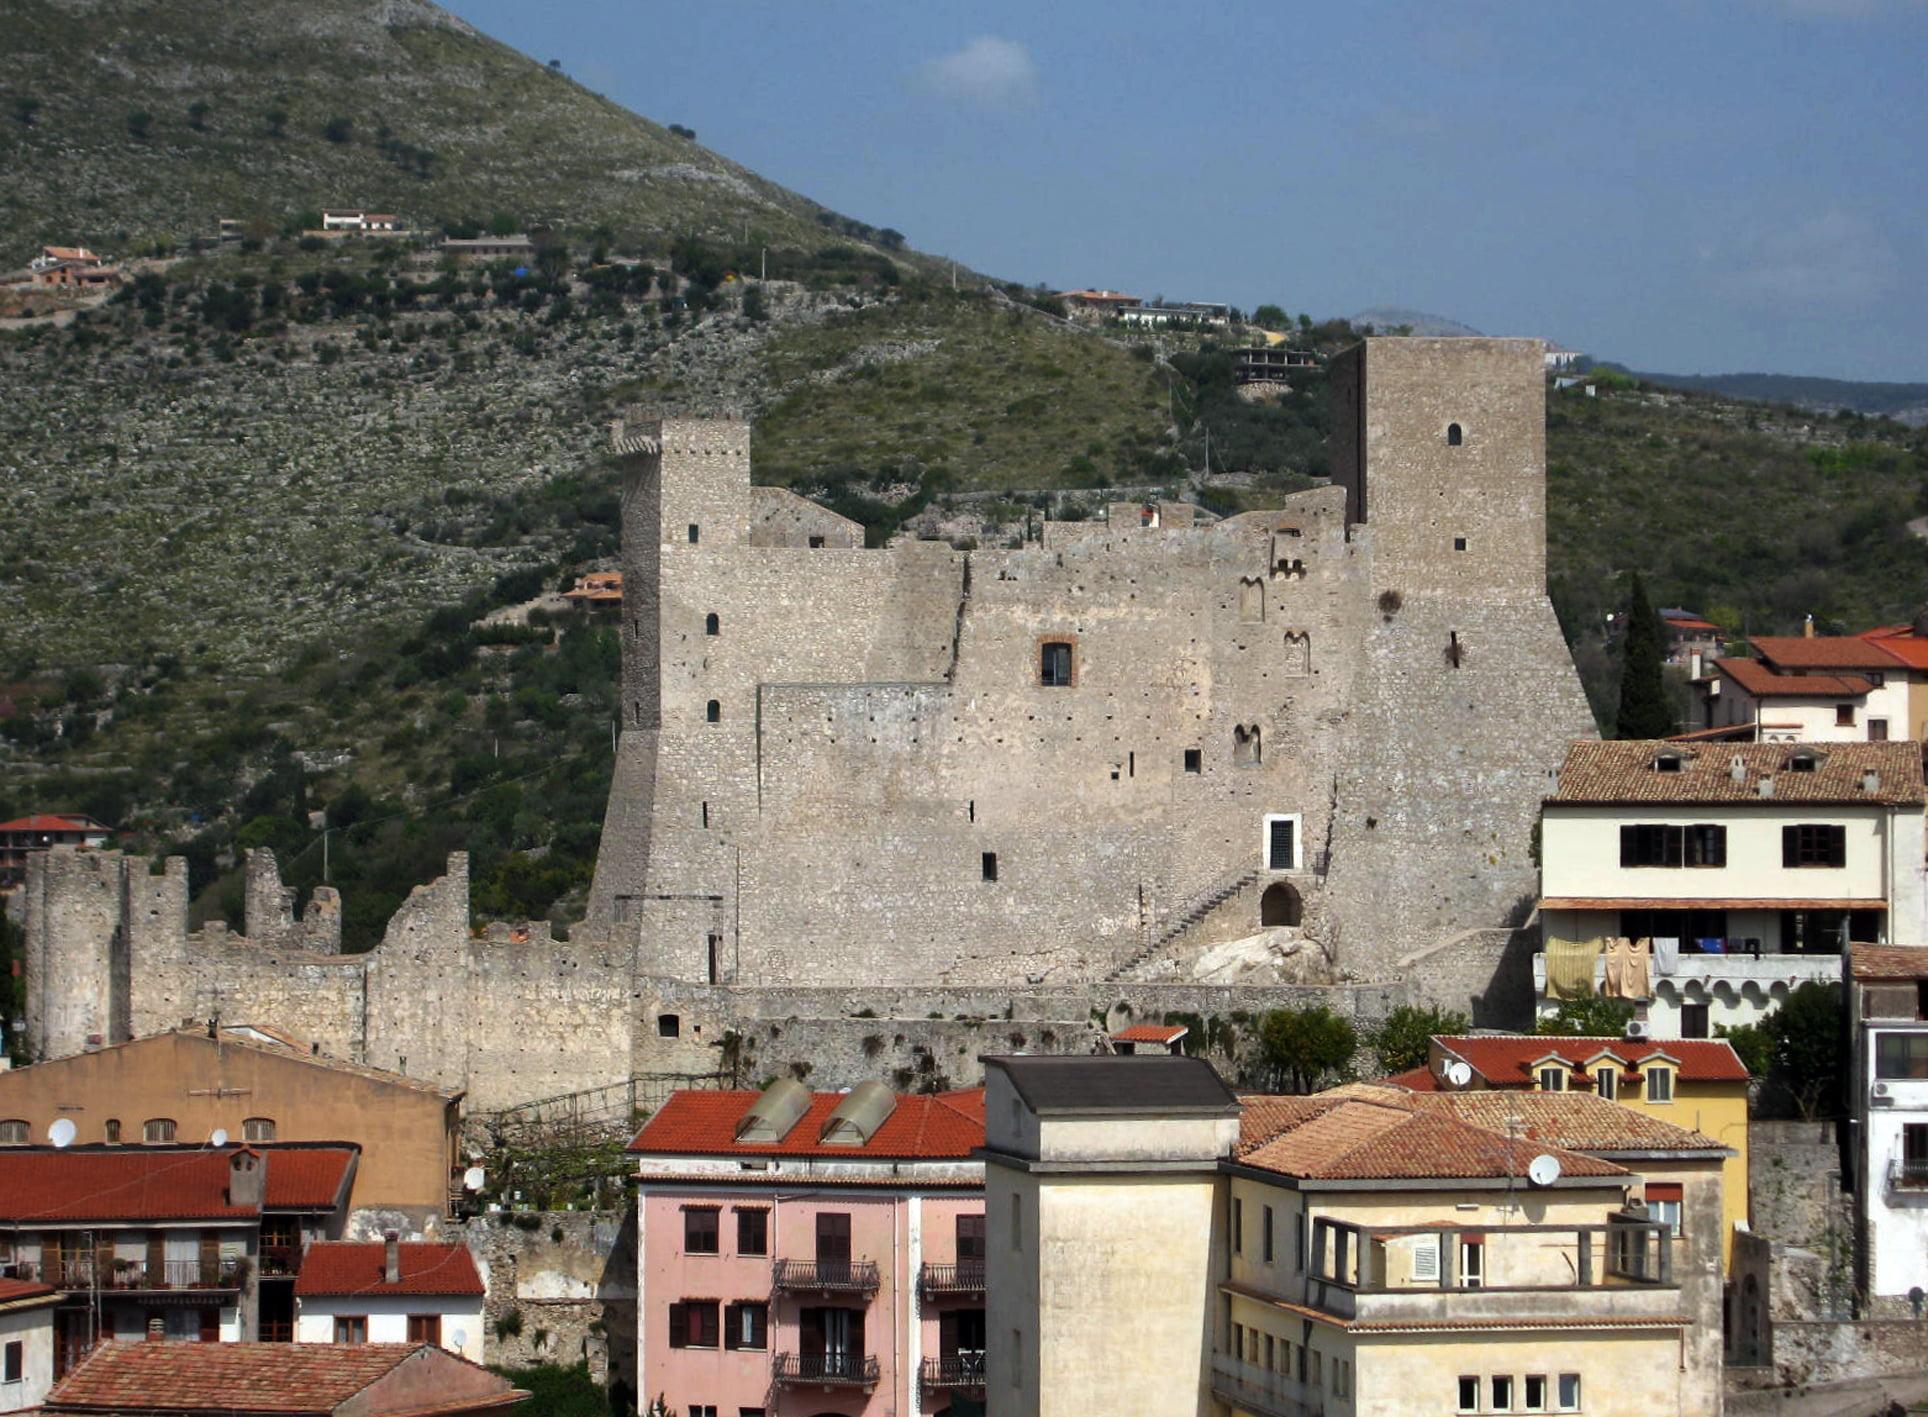 Passeggiata a Itri, meraviglioso borgo medievale del basso lazio.